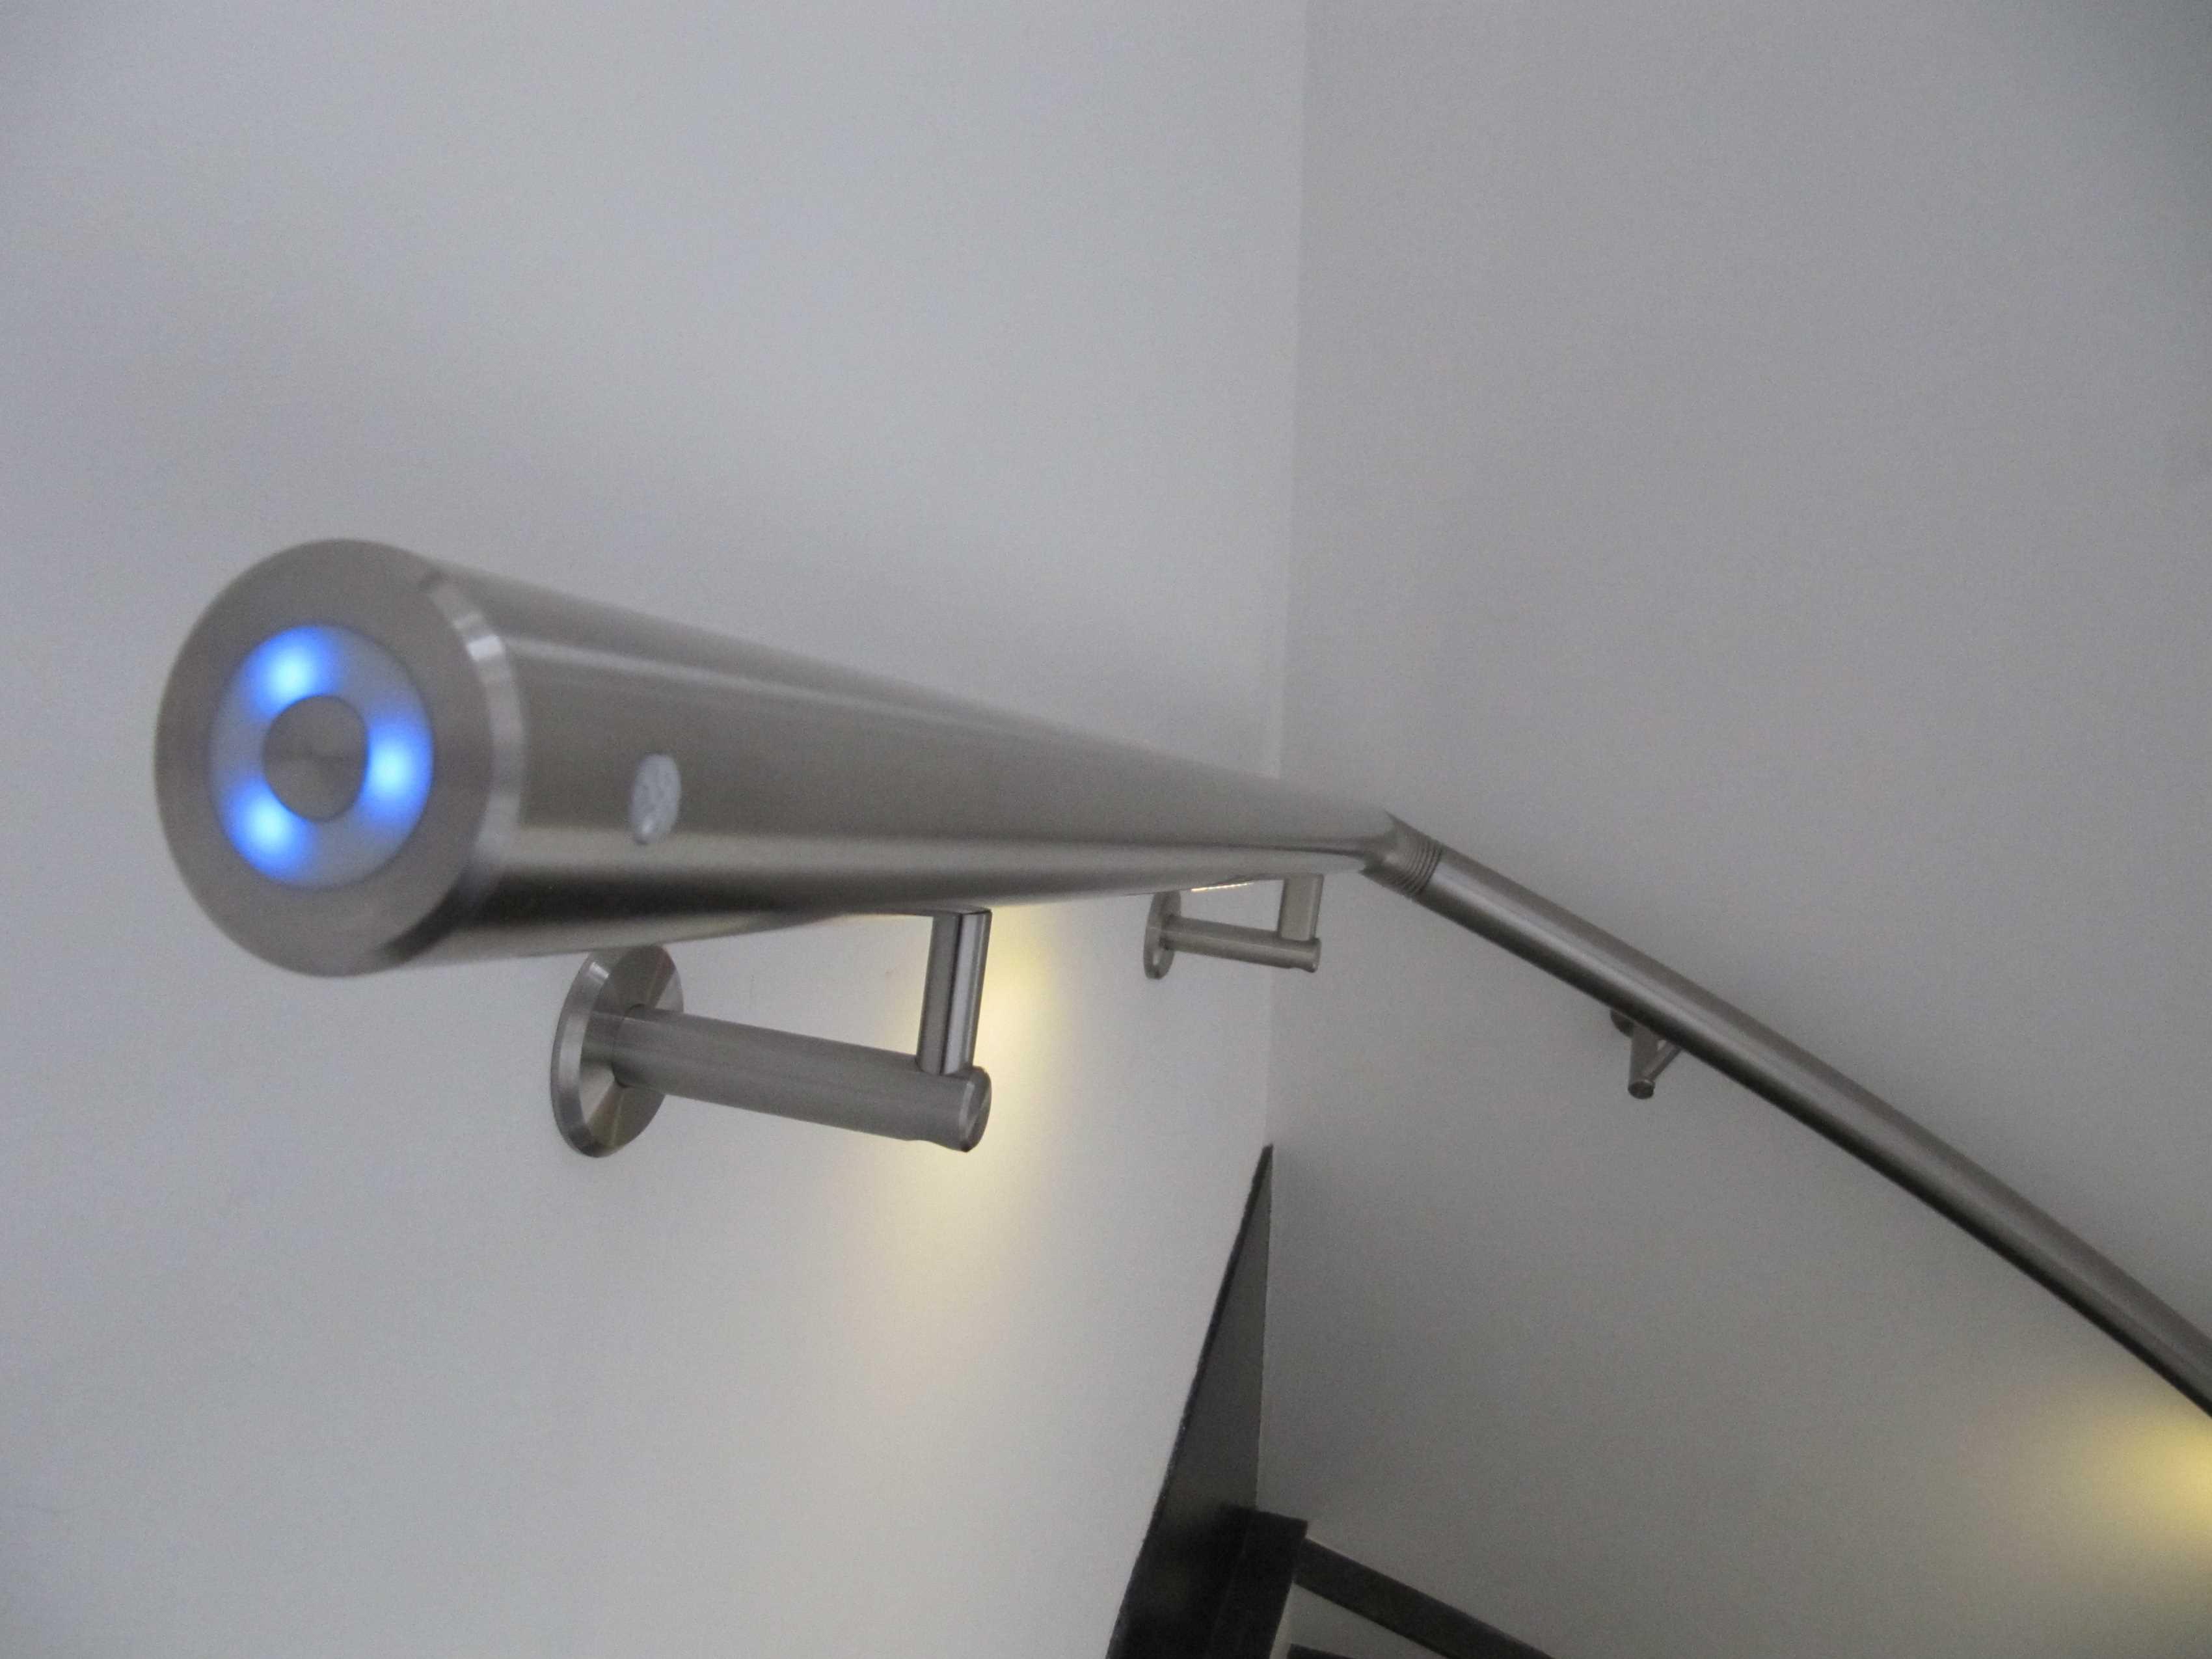 trapleuning-led-verlichting-warm-wit-besturing - Lumigrip